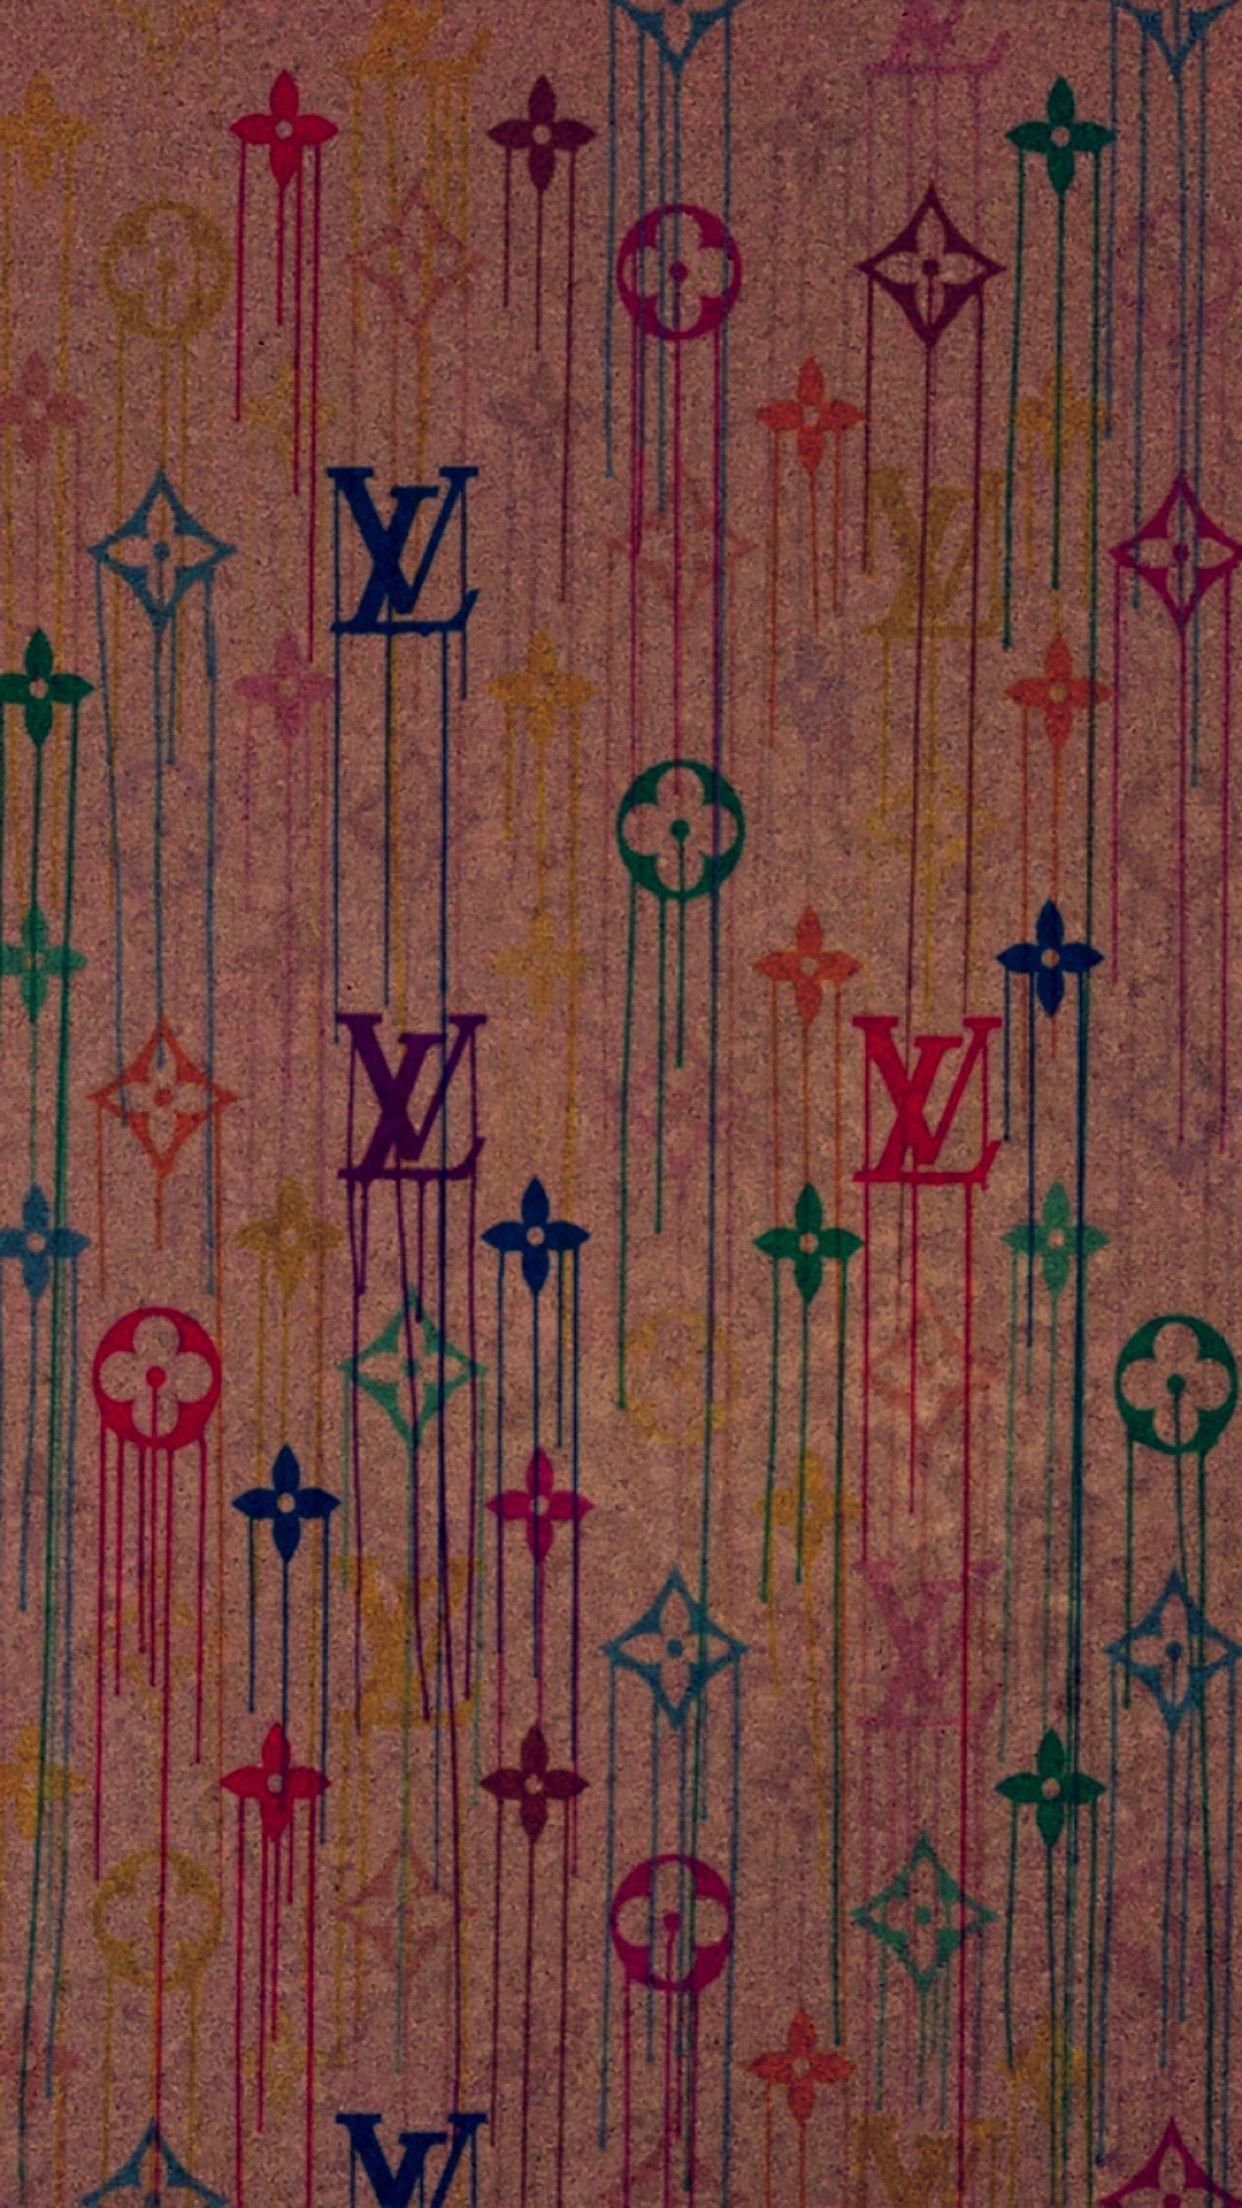 Louis vuitton wallpaper Louis vuitton iphone wallpaper Iphone 1242x2208